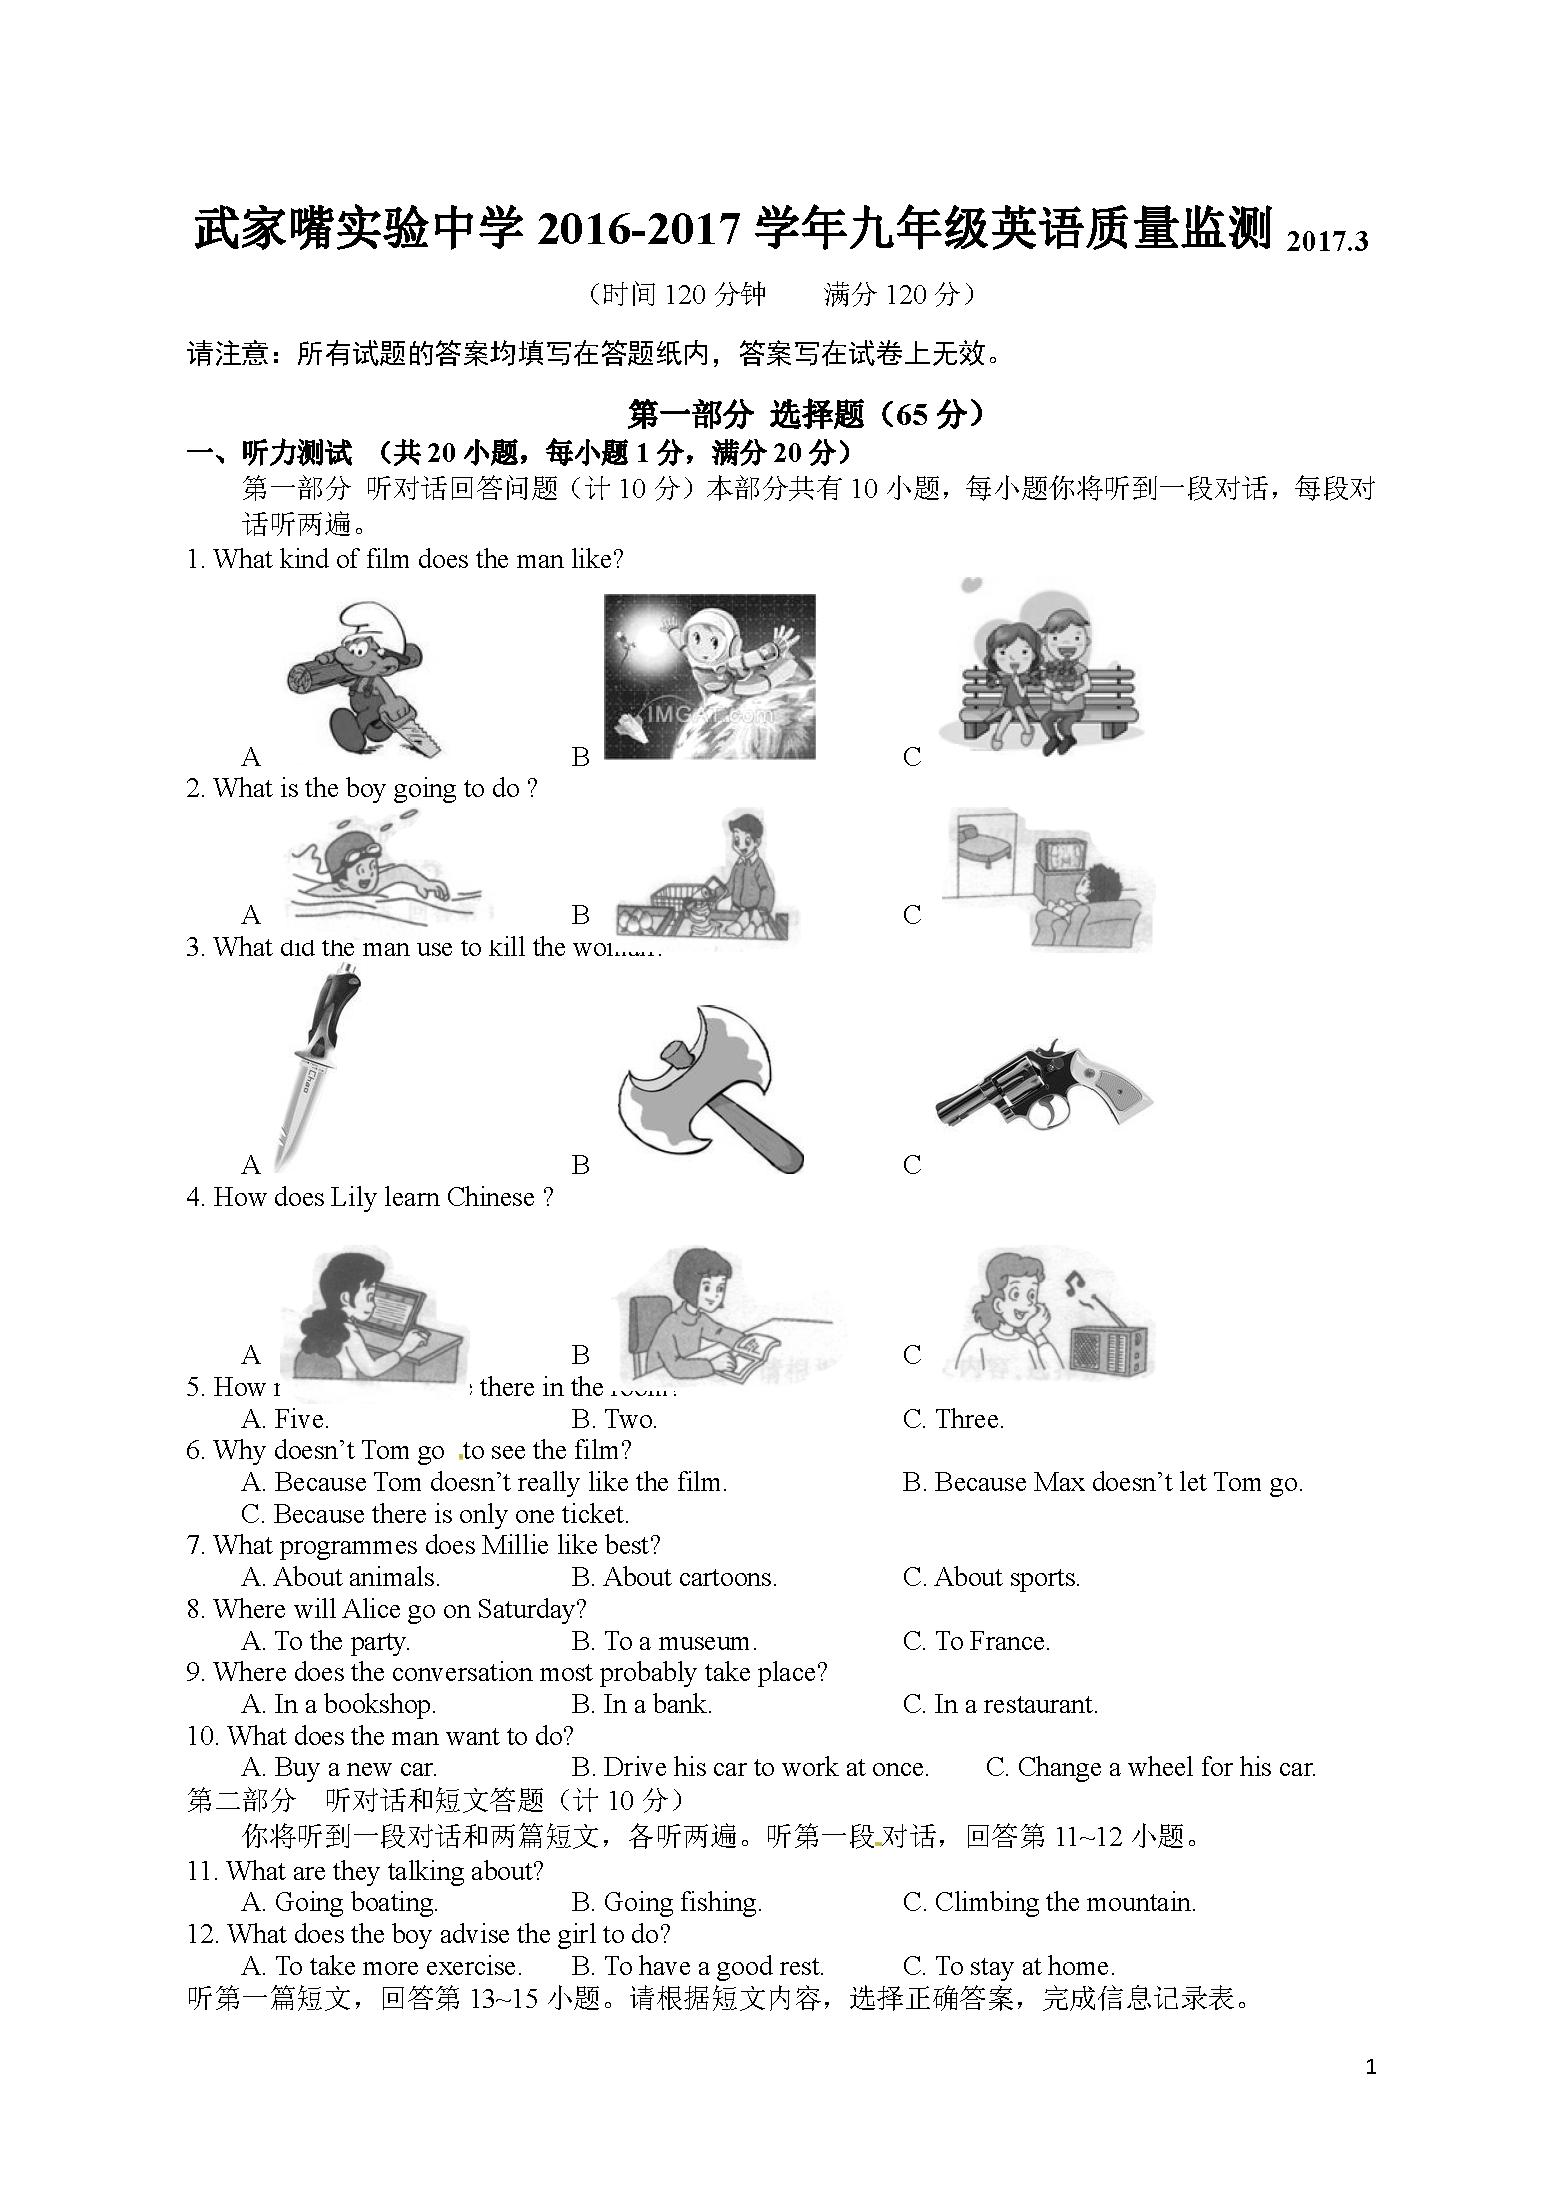 江苏南京高淳武家嘴实验中学2016-2017九年级3月月考英语试卷(Word版)